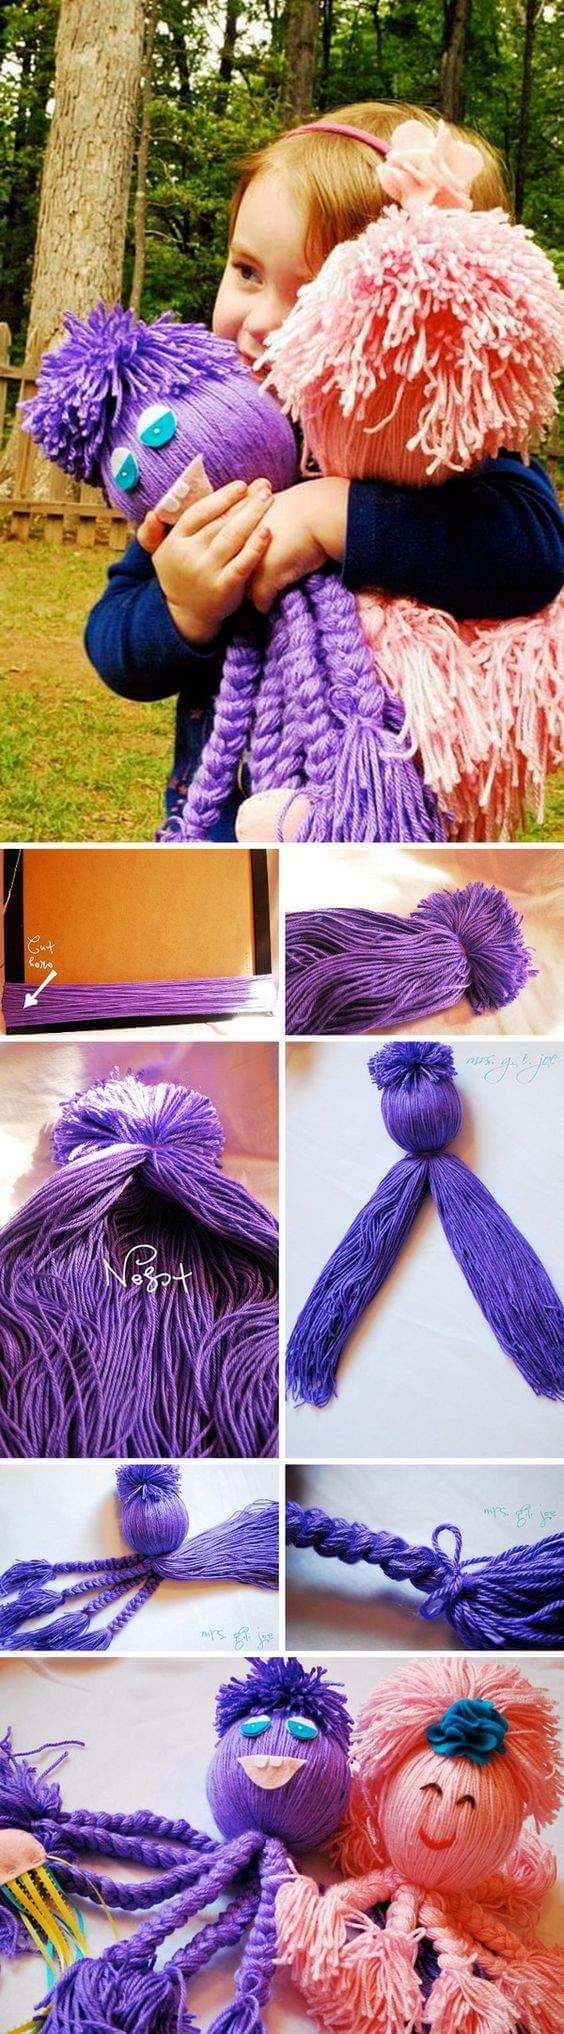 Fleece-Octopus-diy-yarn-craft-k4craft Awesome DIY Yarn Projects (Easy) - Step by step